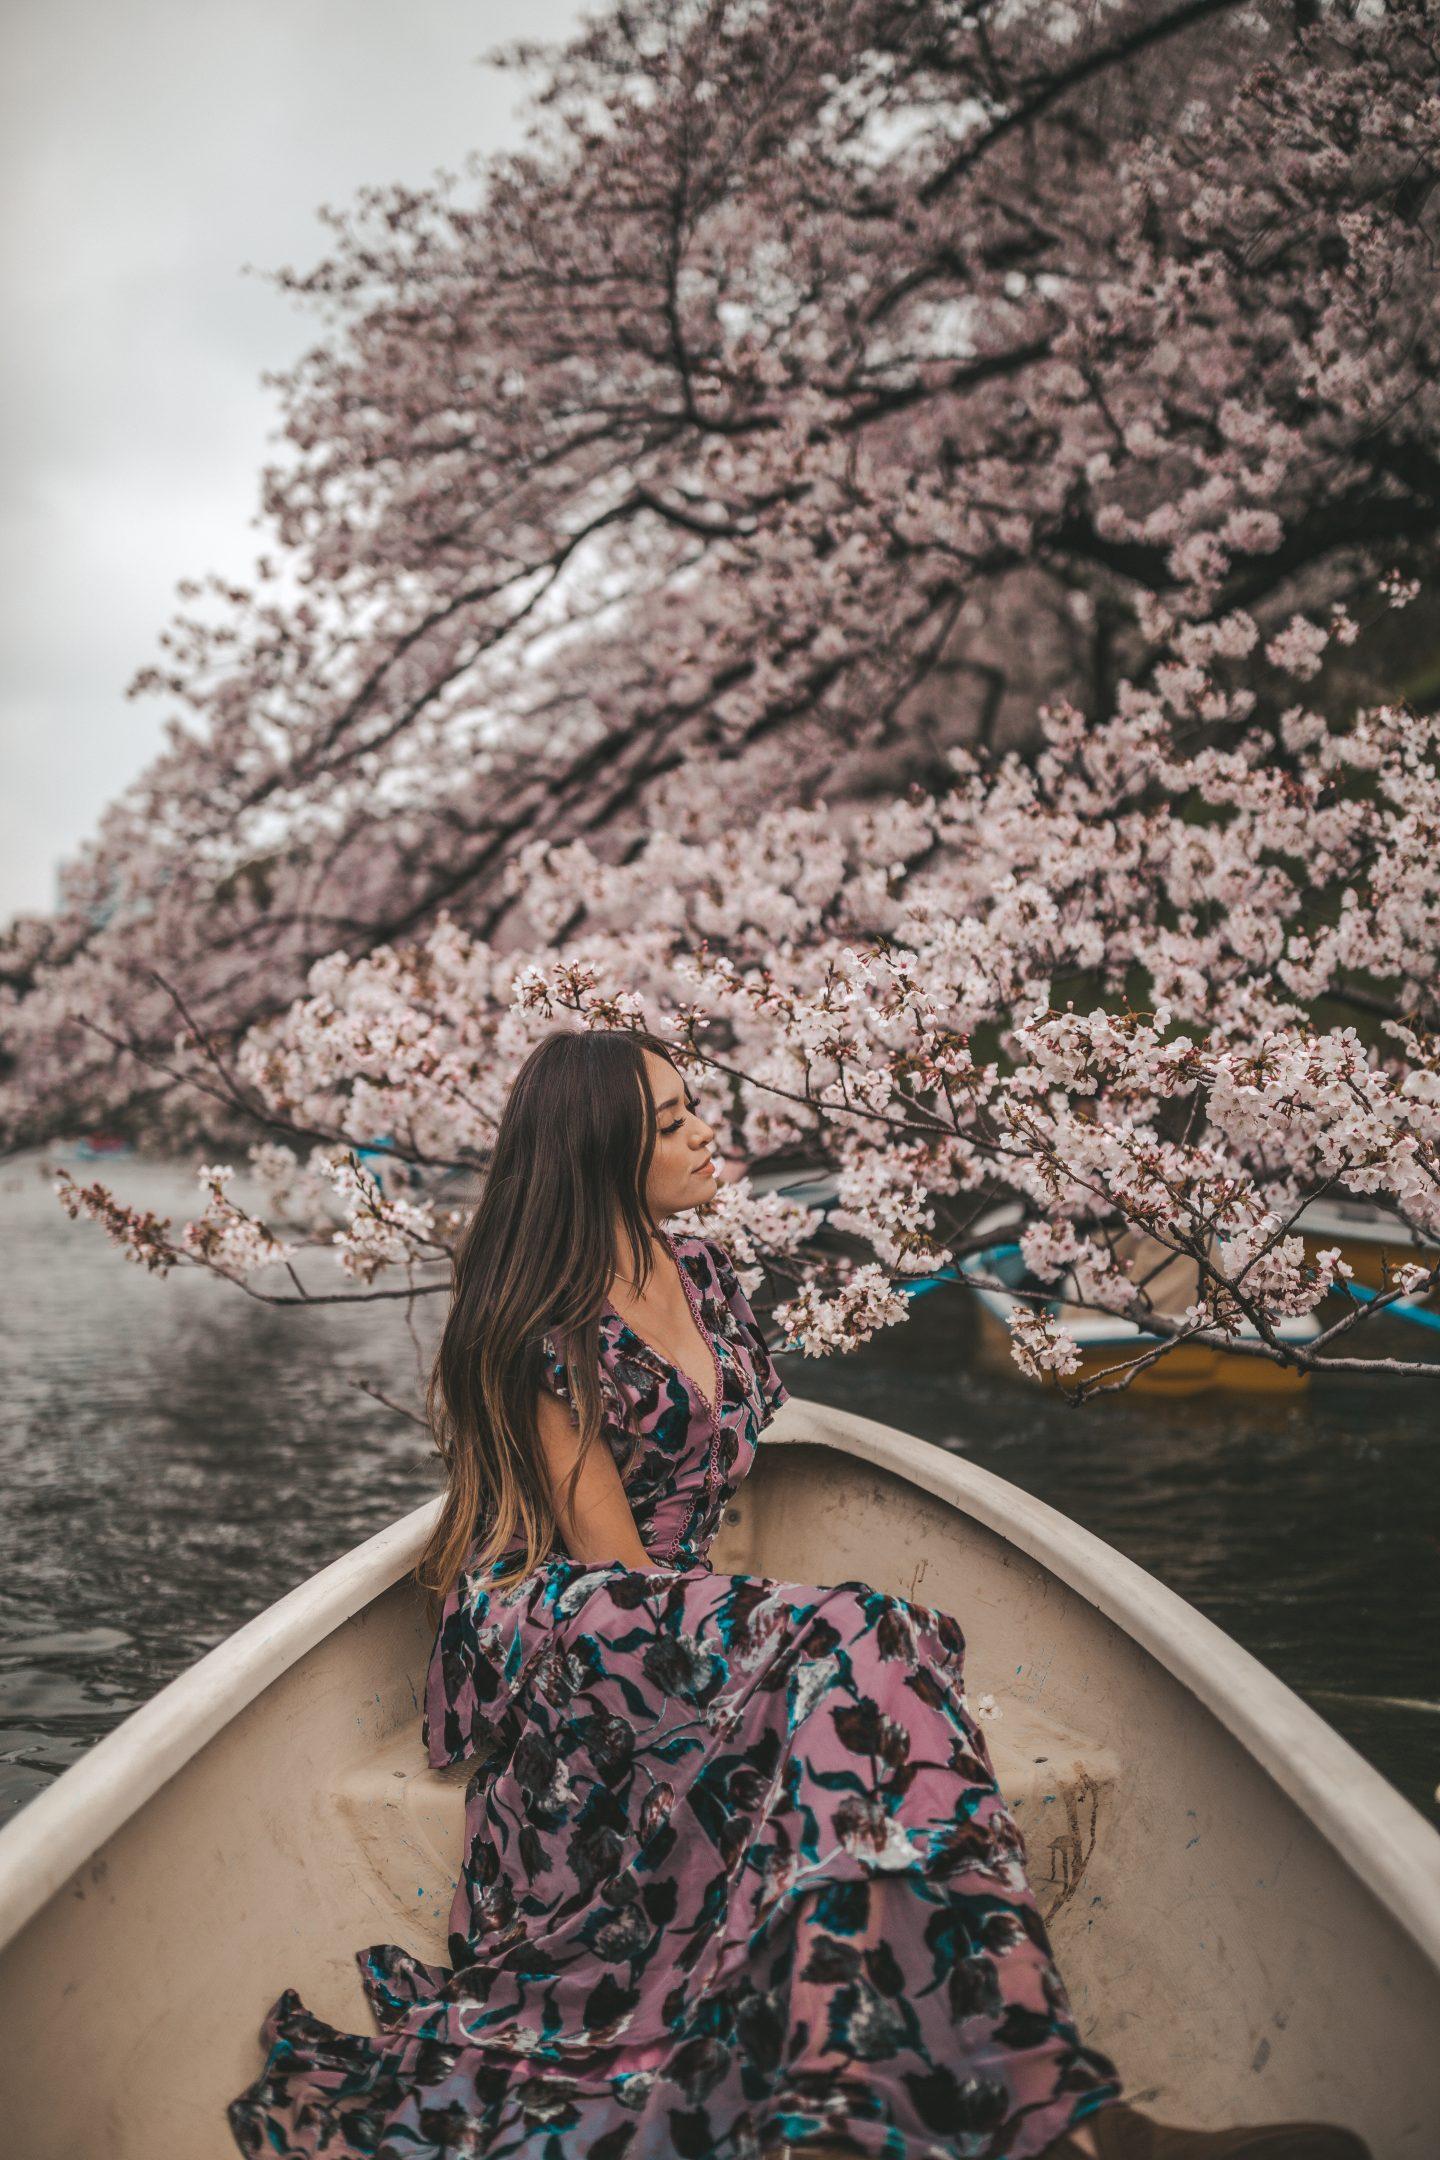 Chidorigafuchi Park boat cherry blossoms